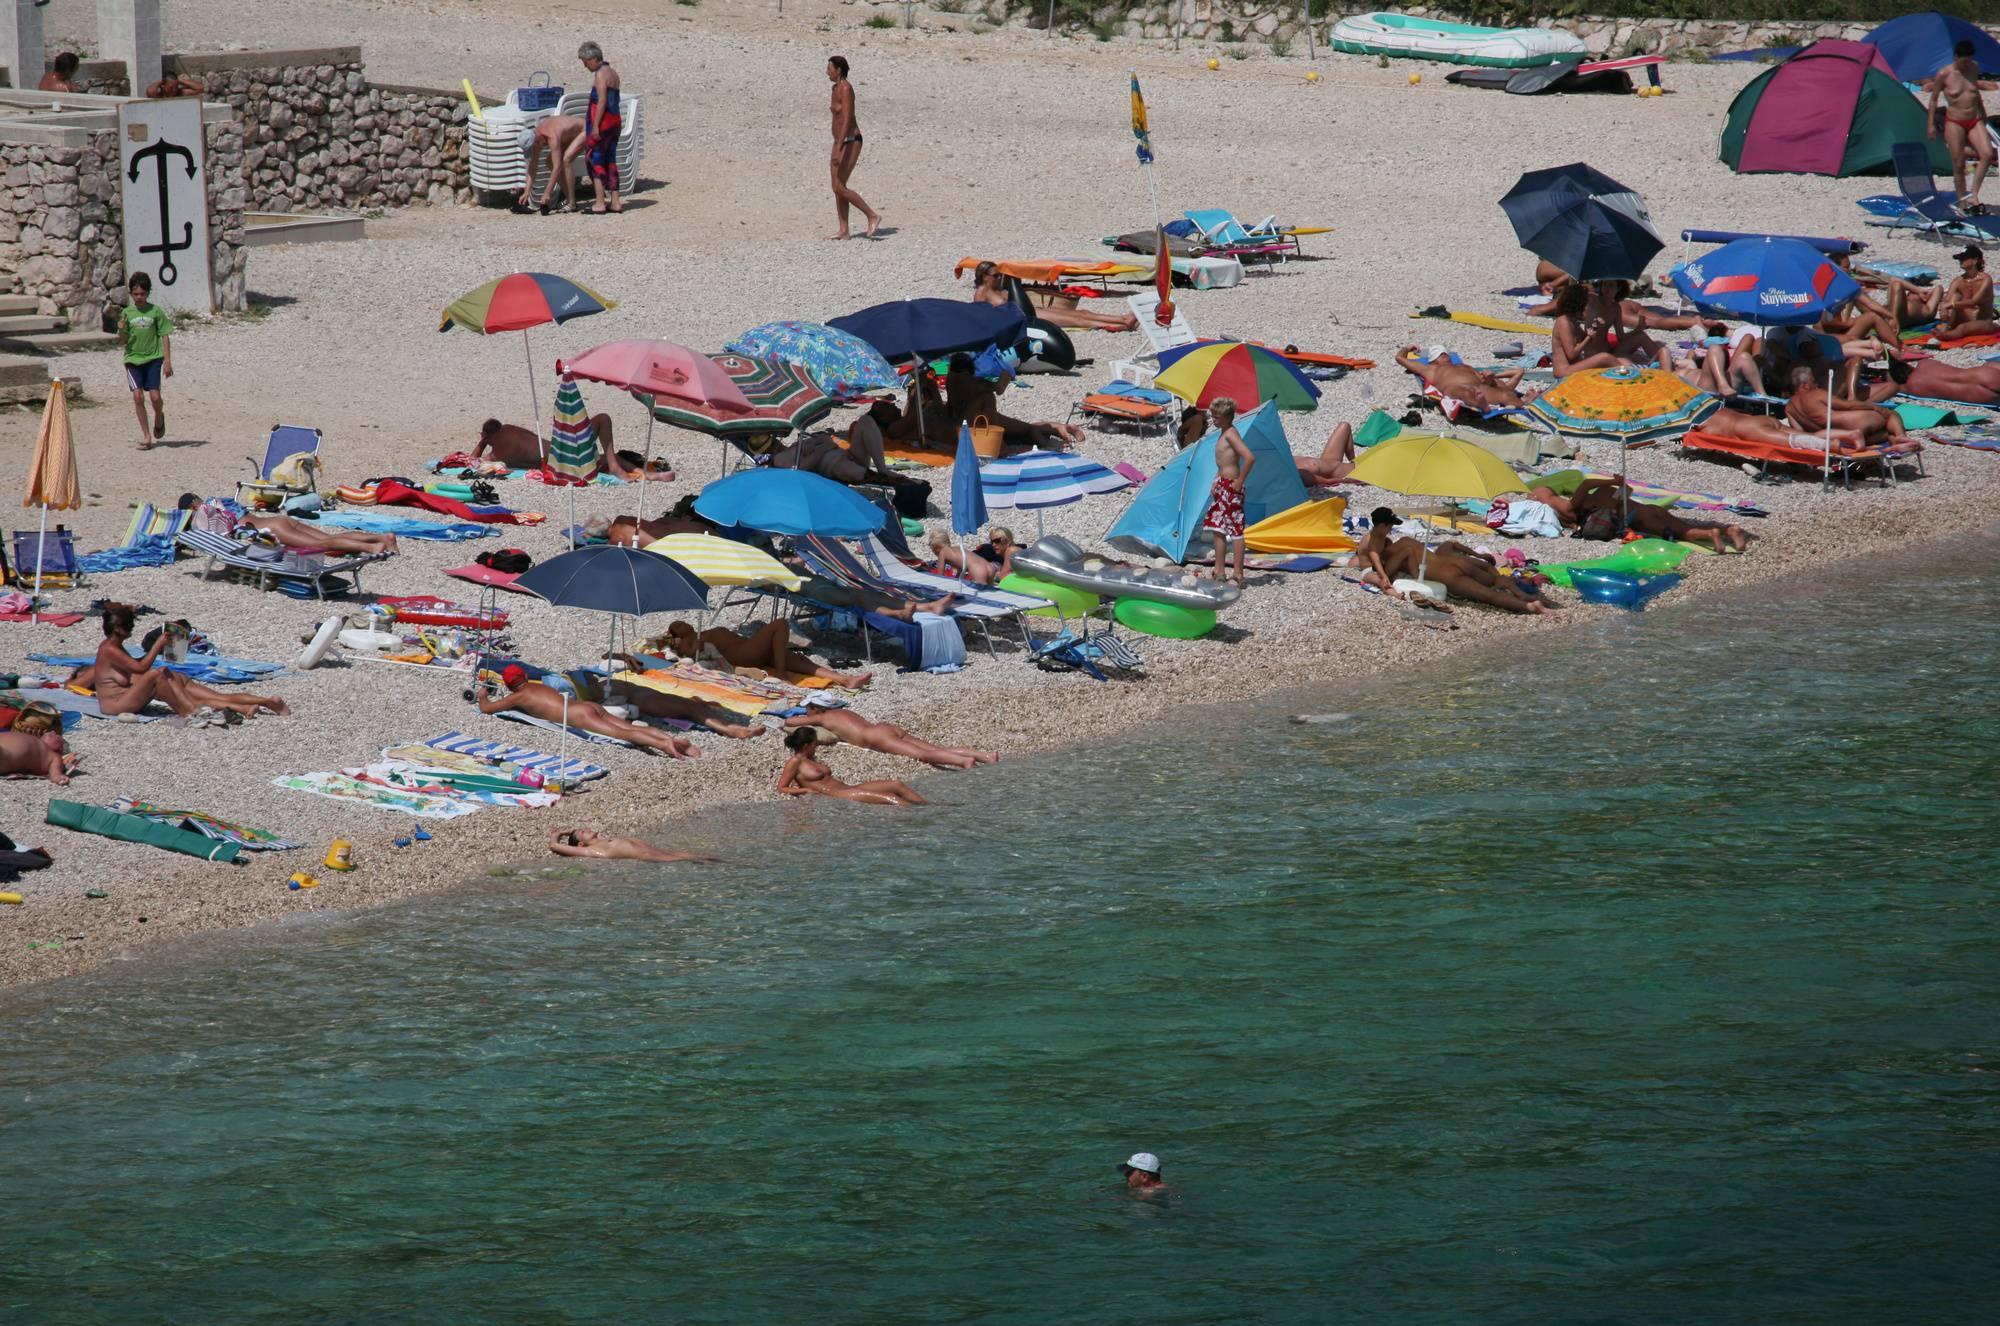 Wide Maslin Beach View - 2